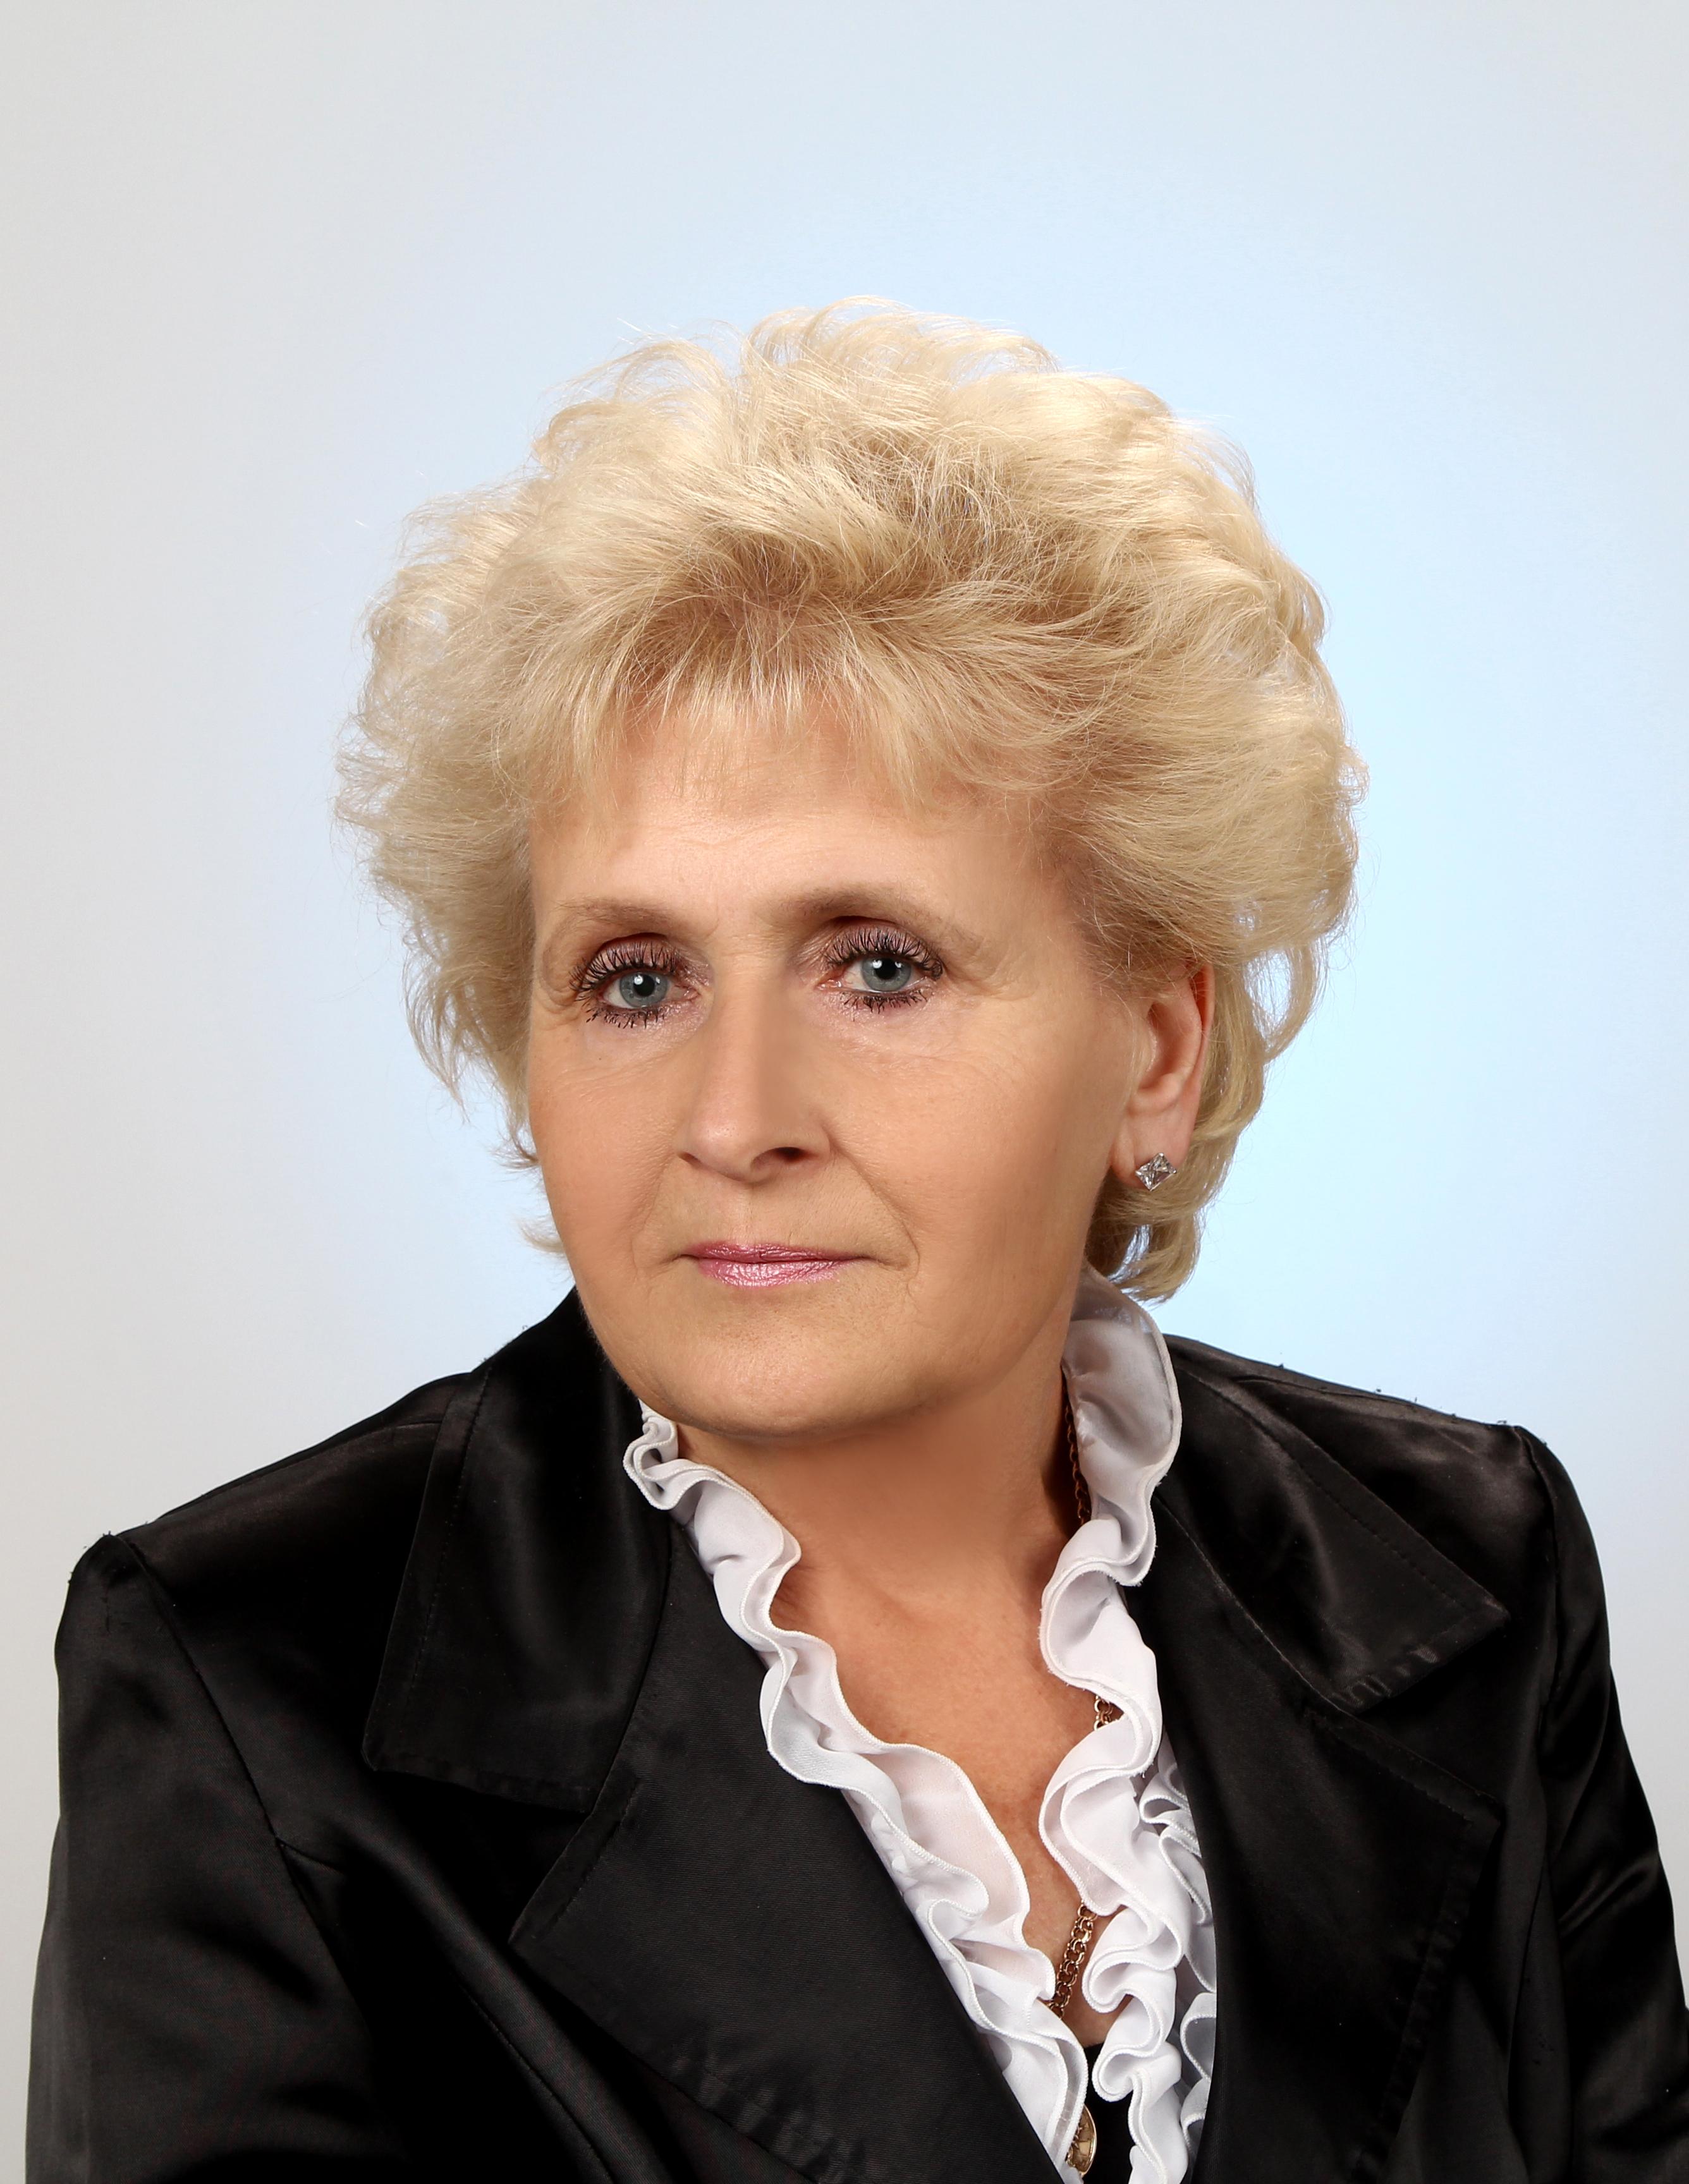 Alicja Szklarska